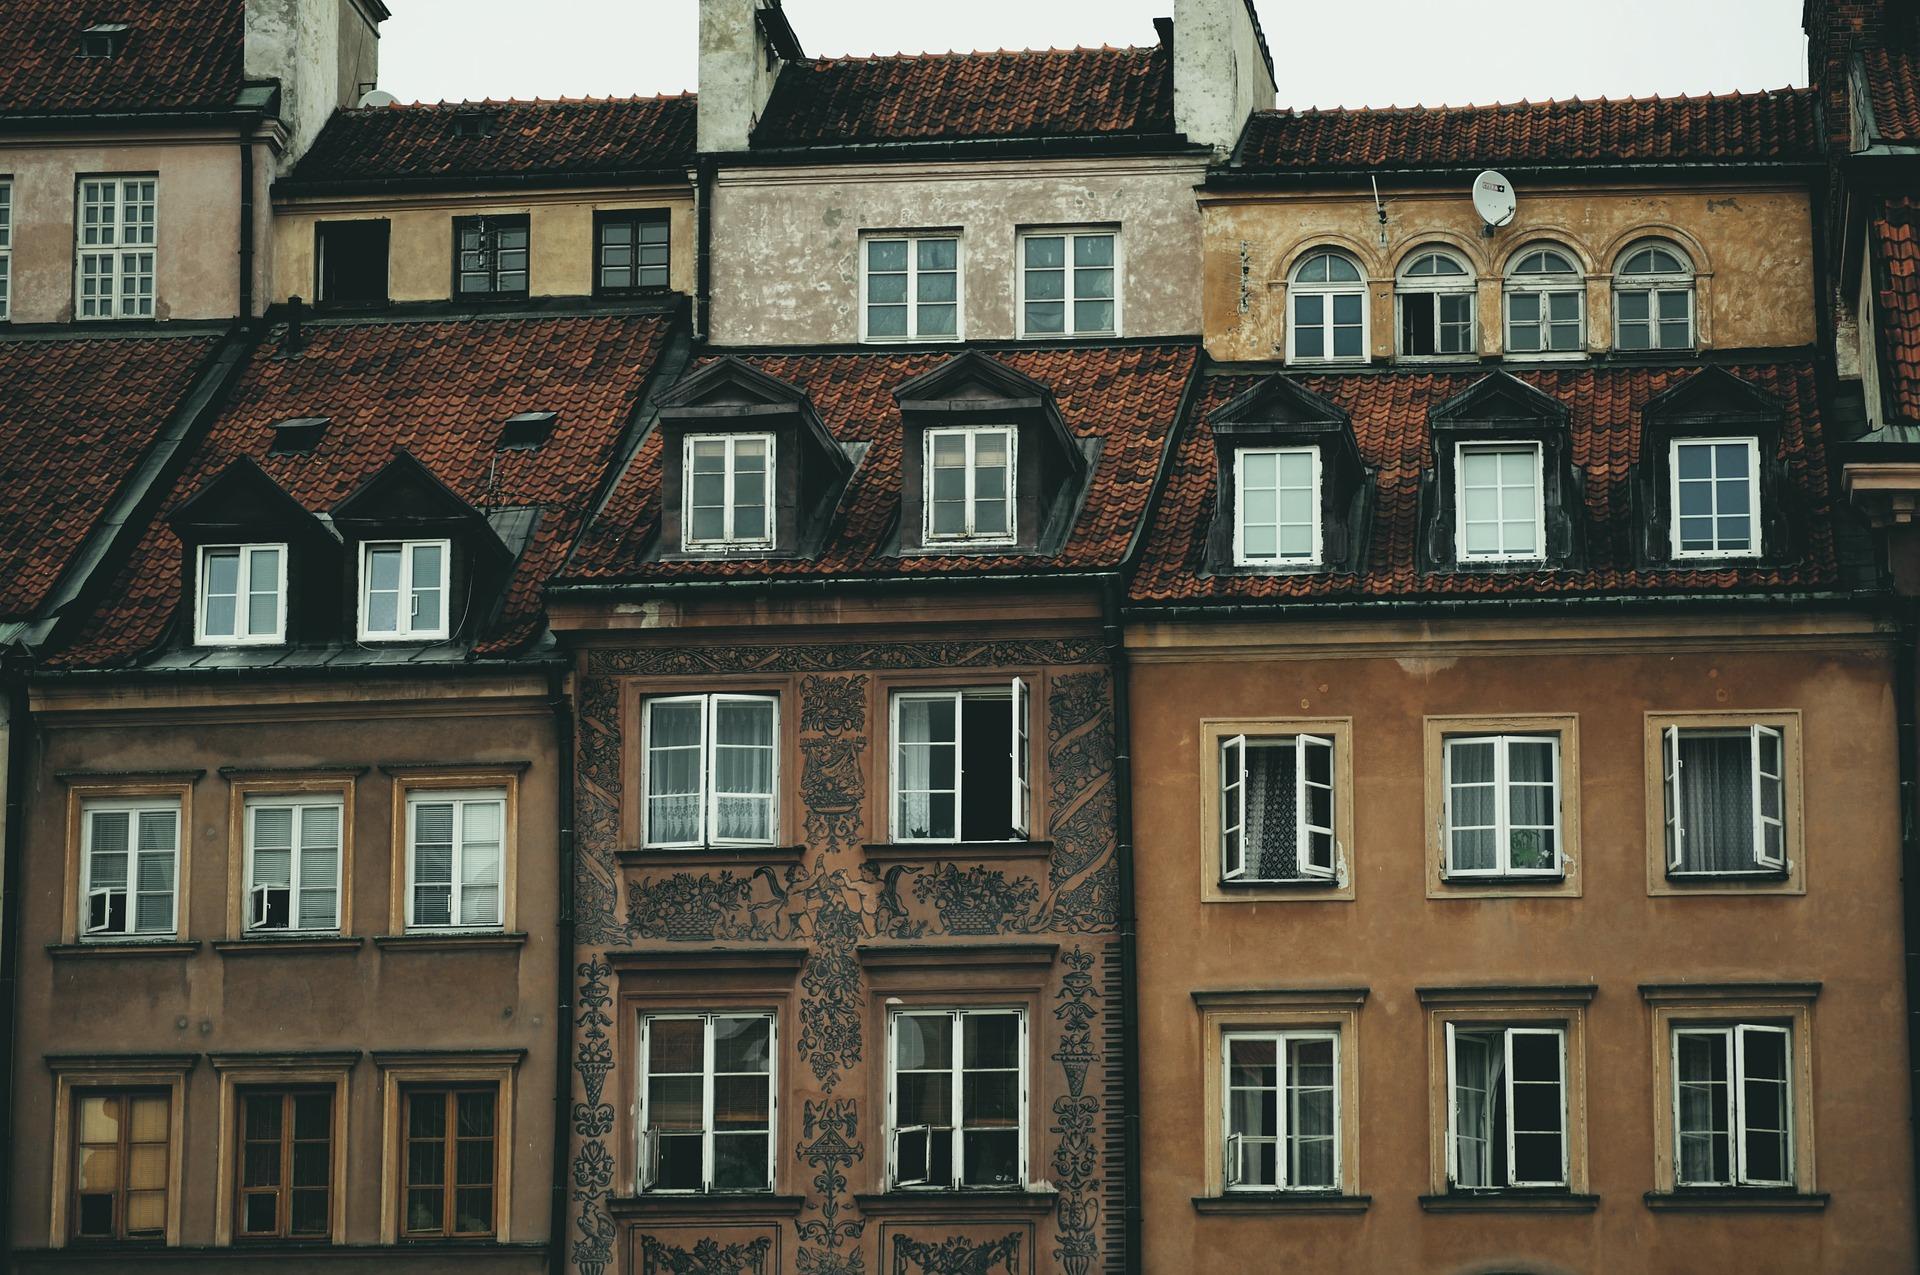 Dachgeschosswohnung kaufen: Quadratmeterpreise, Kosten, Vor- & Nachteile, Tipps